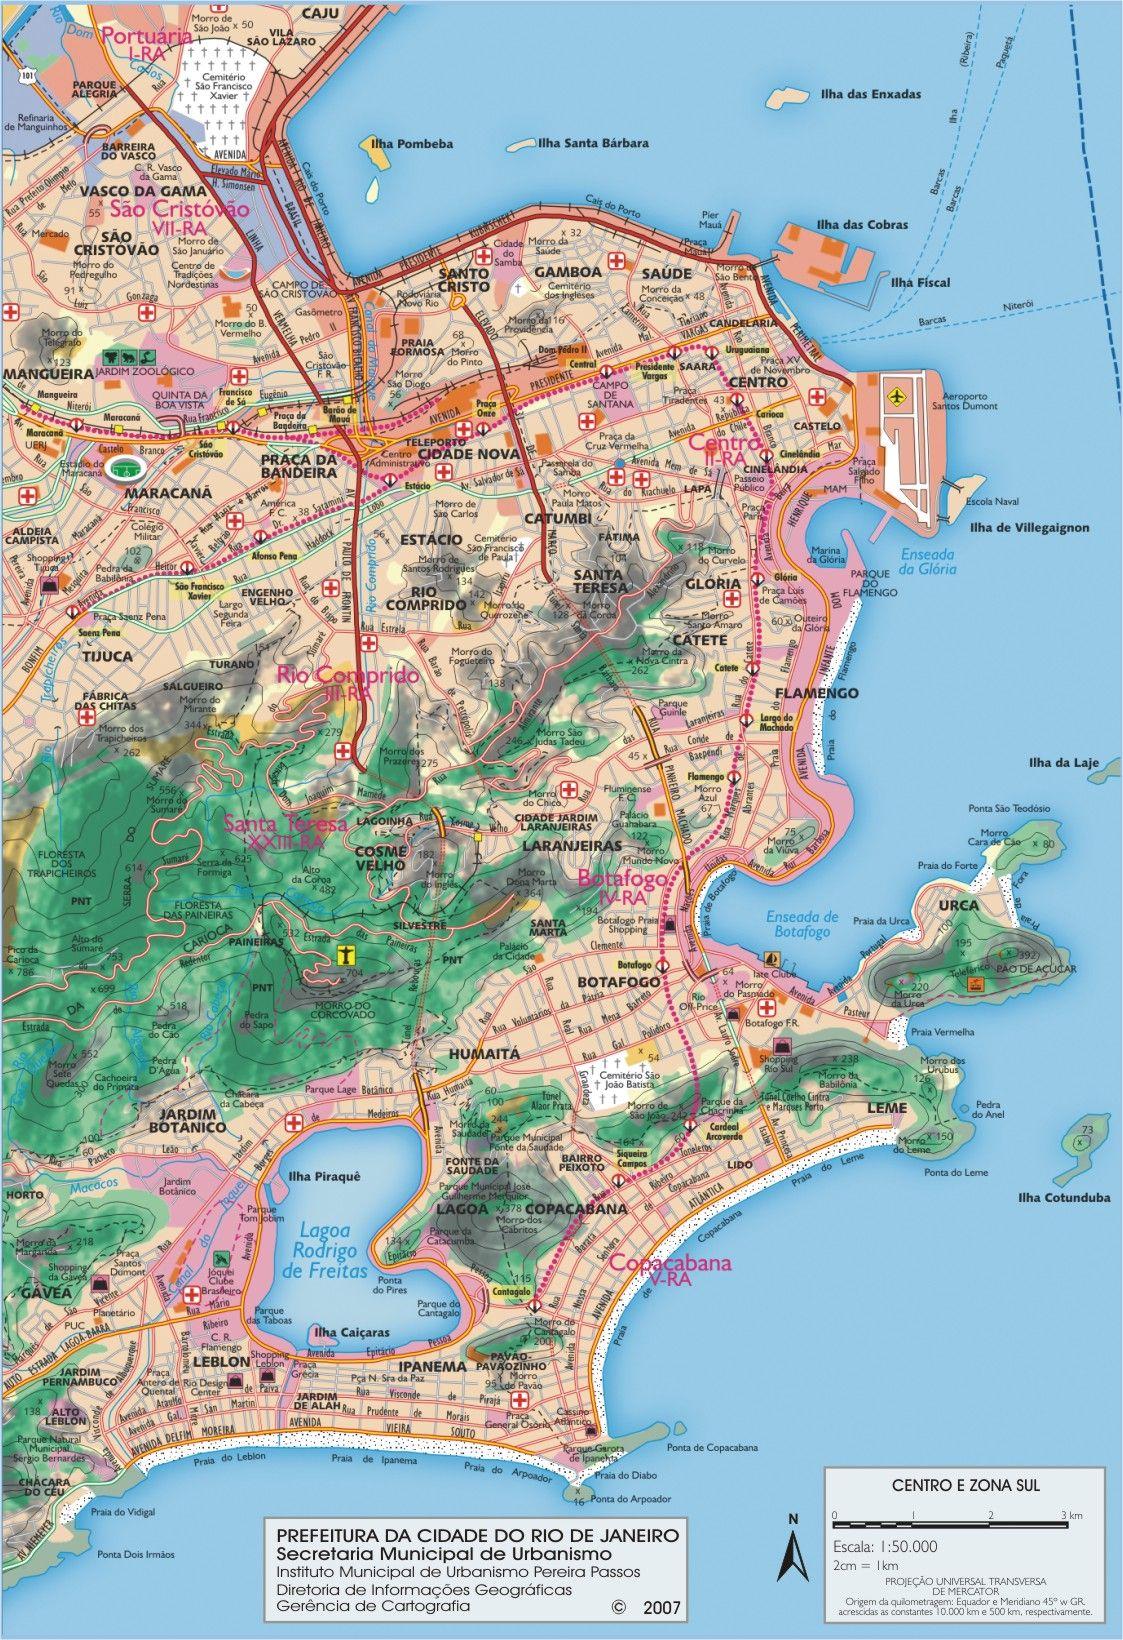 Rio De Janeiro Mapa Bairros.Mapa Dos Bairros Do Rio De Janeiro Rio De Janeiro Map